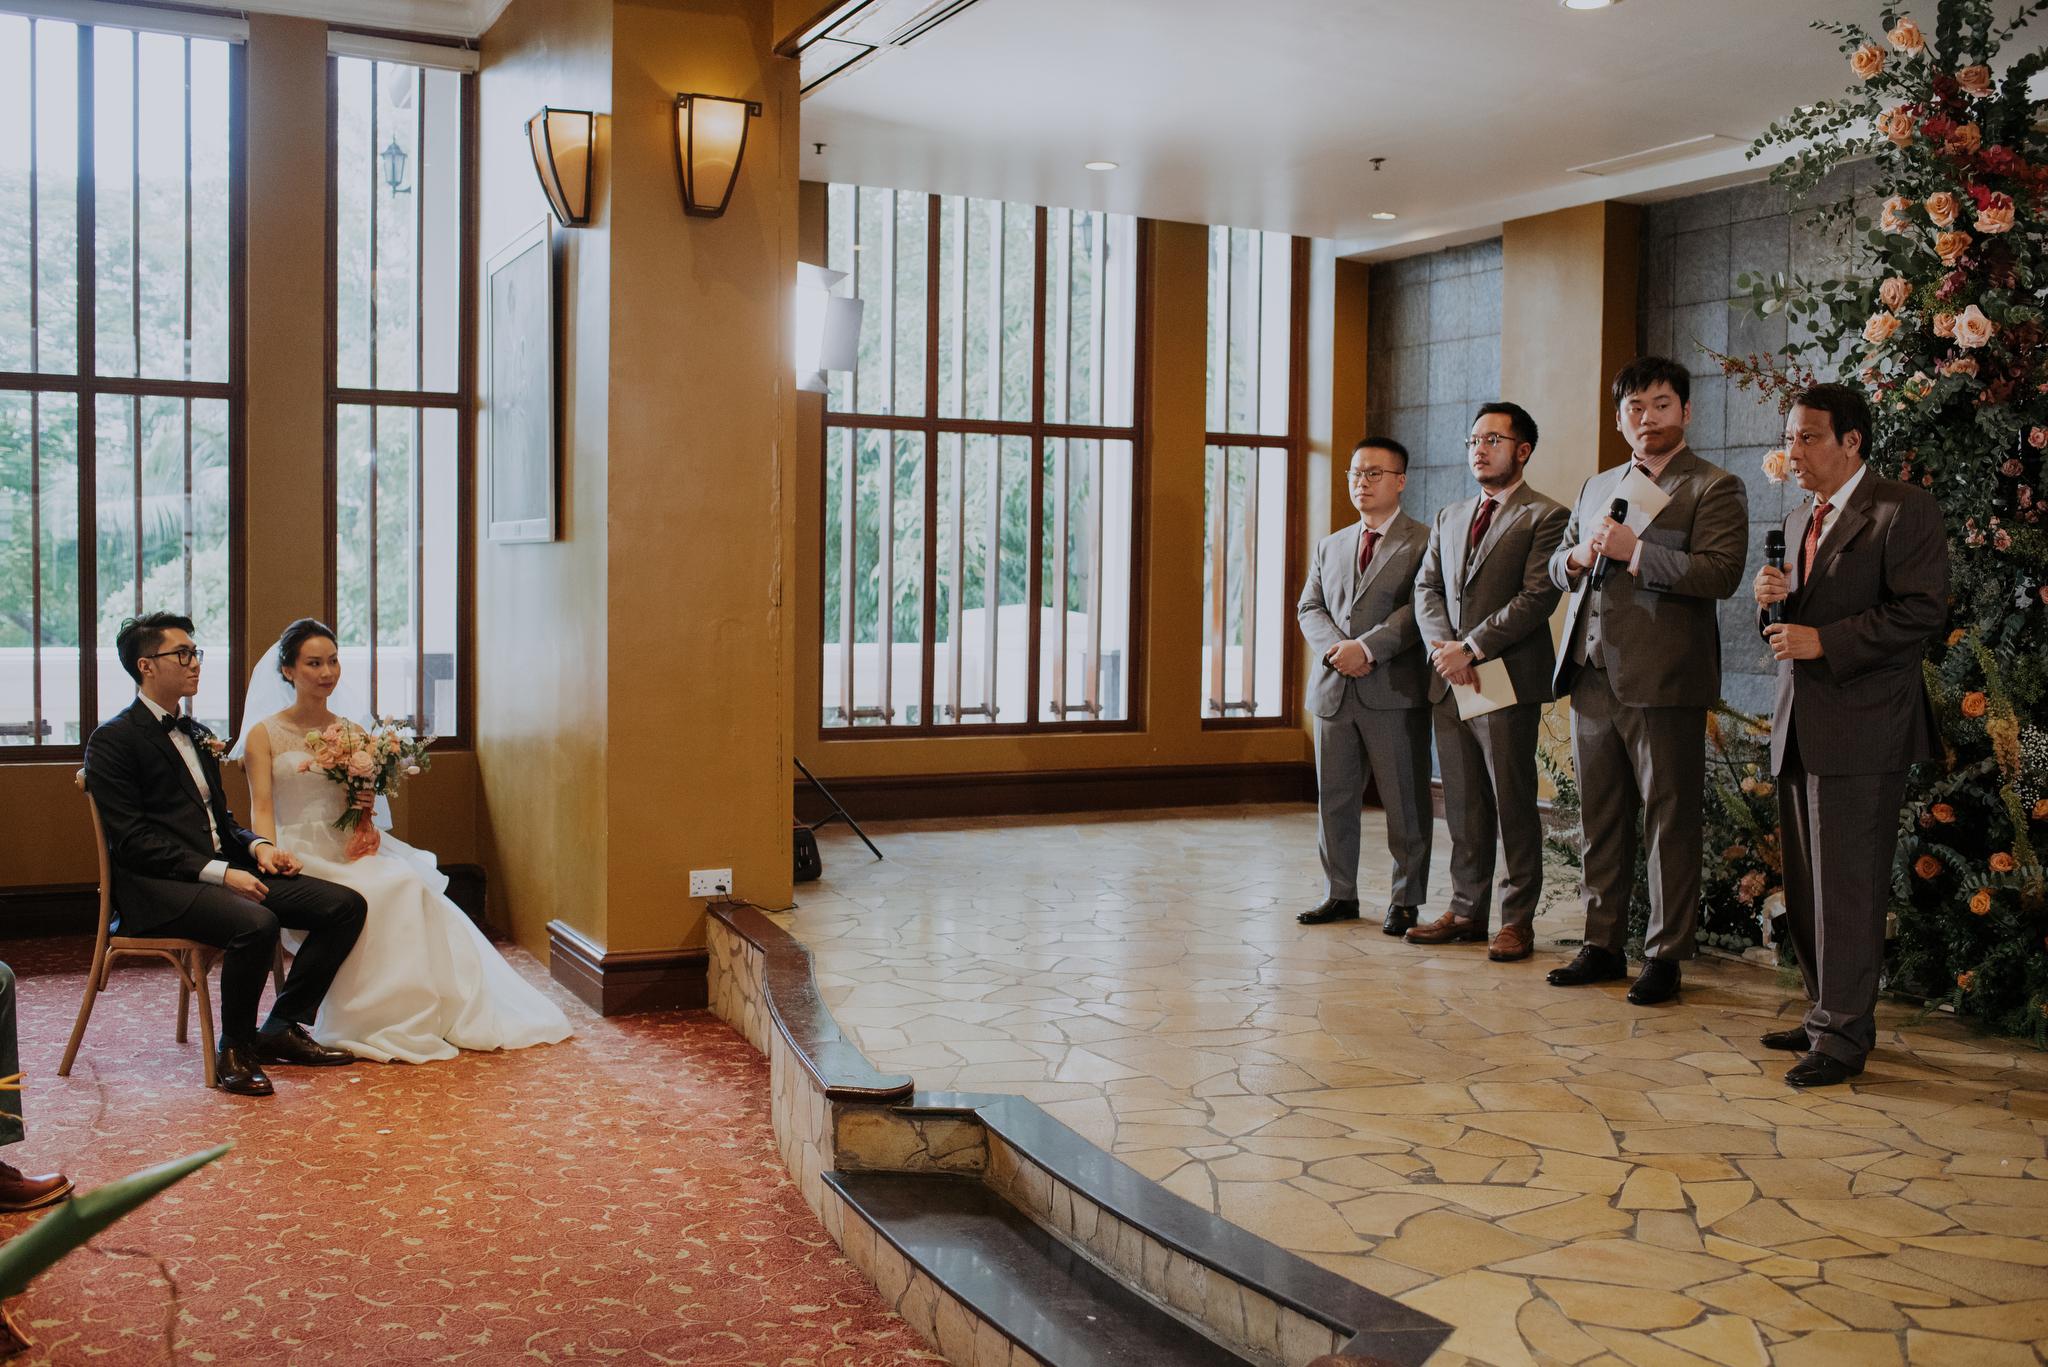 https://huk.s3.amazonaws.com/uploads/image/source/1420/Phuong-Diep-HN-Ceremony-1-0602.JPG